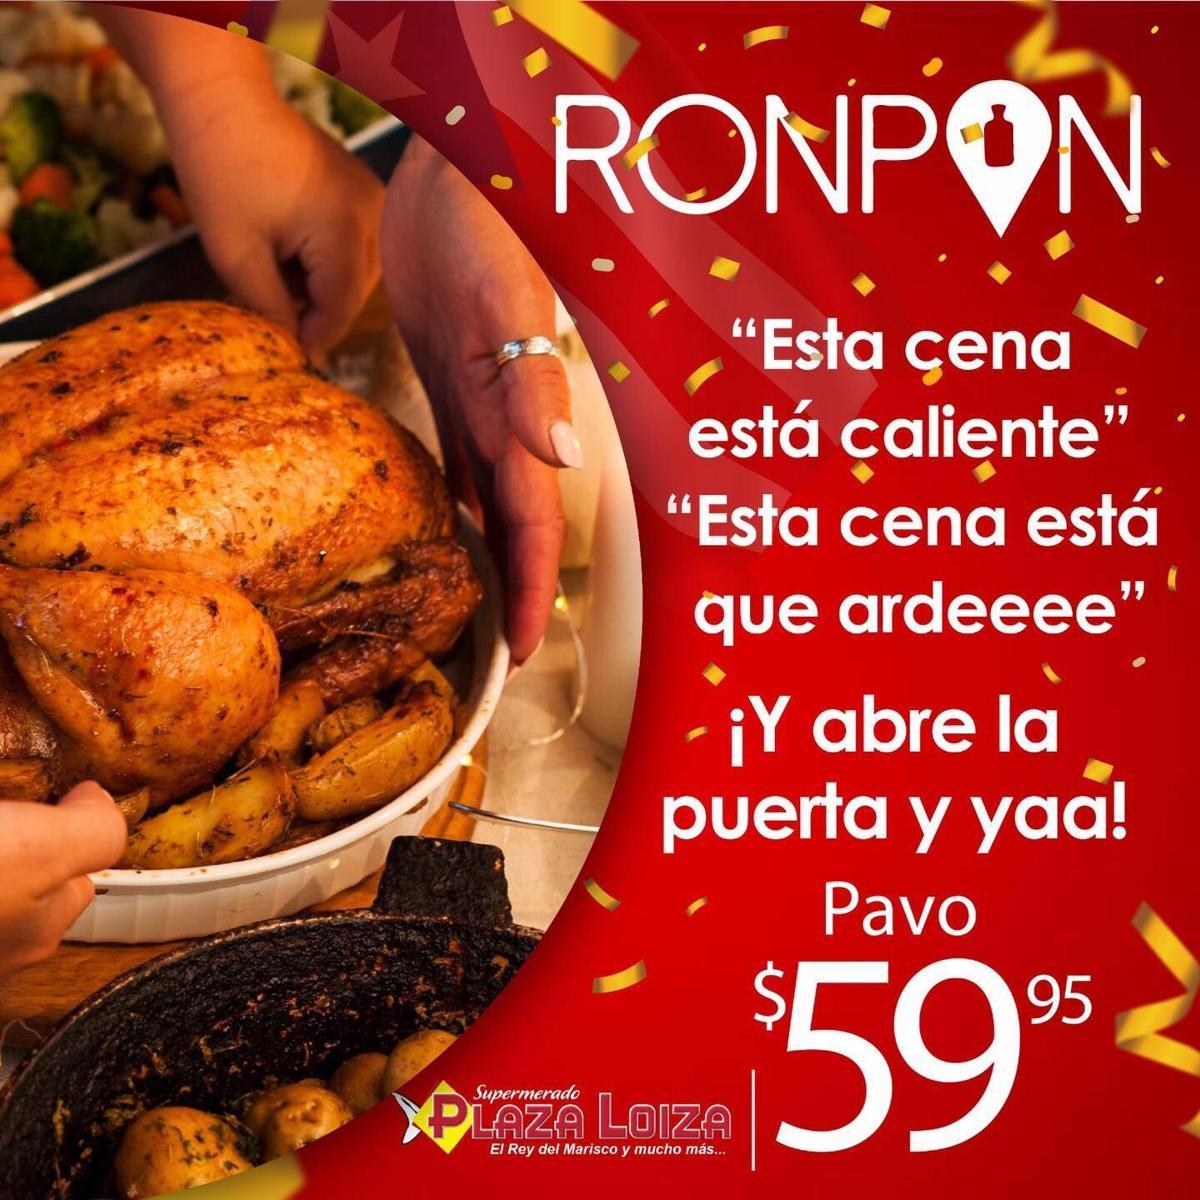 Ronpon-Plaza Loíza